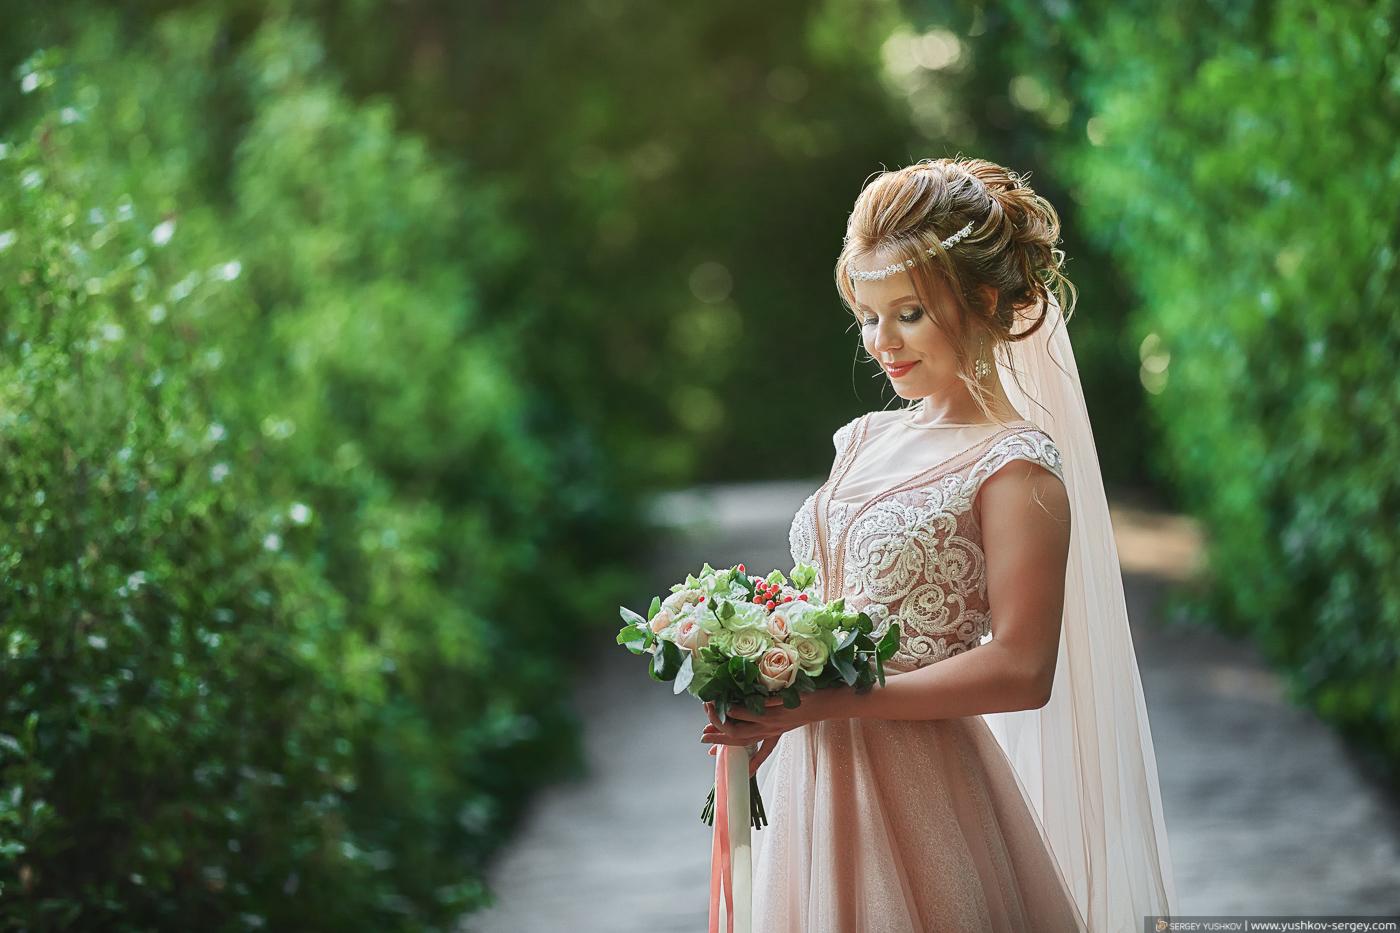 Свадьба для двоих в Крыму. Воронцовский дворец и парк. Фотограф - Сергей Юшков.